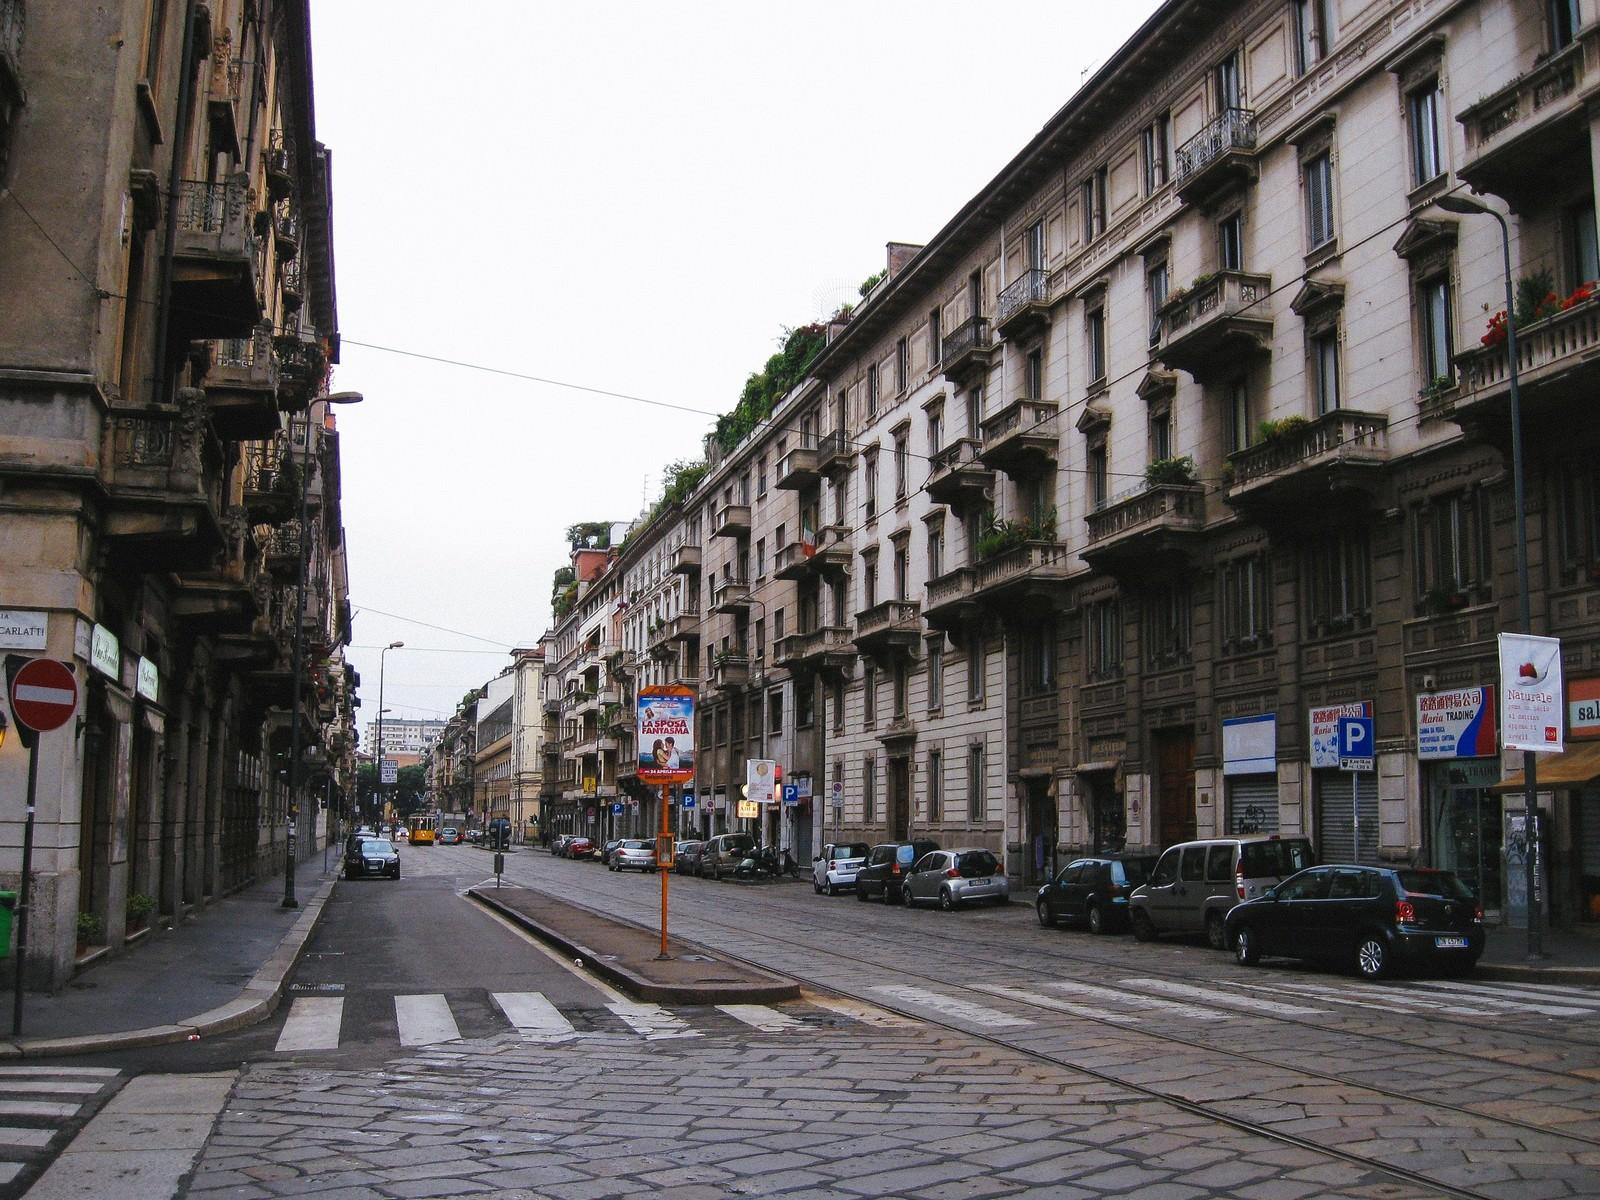 「ミラノの通りと街並み(イタリア)」の写真